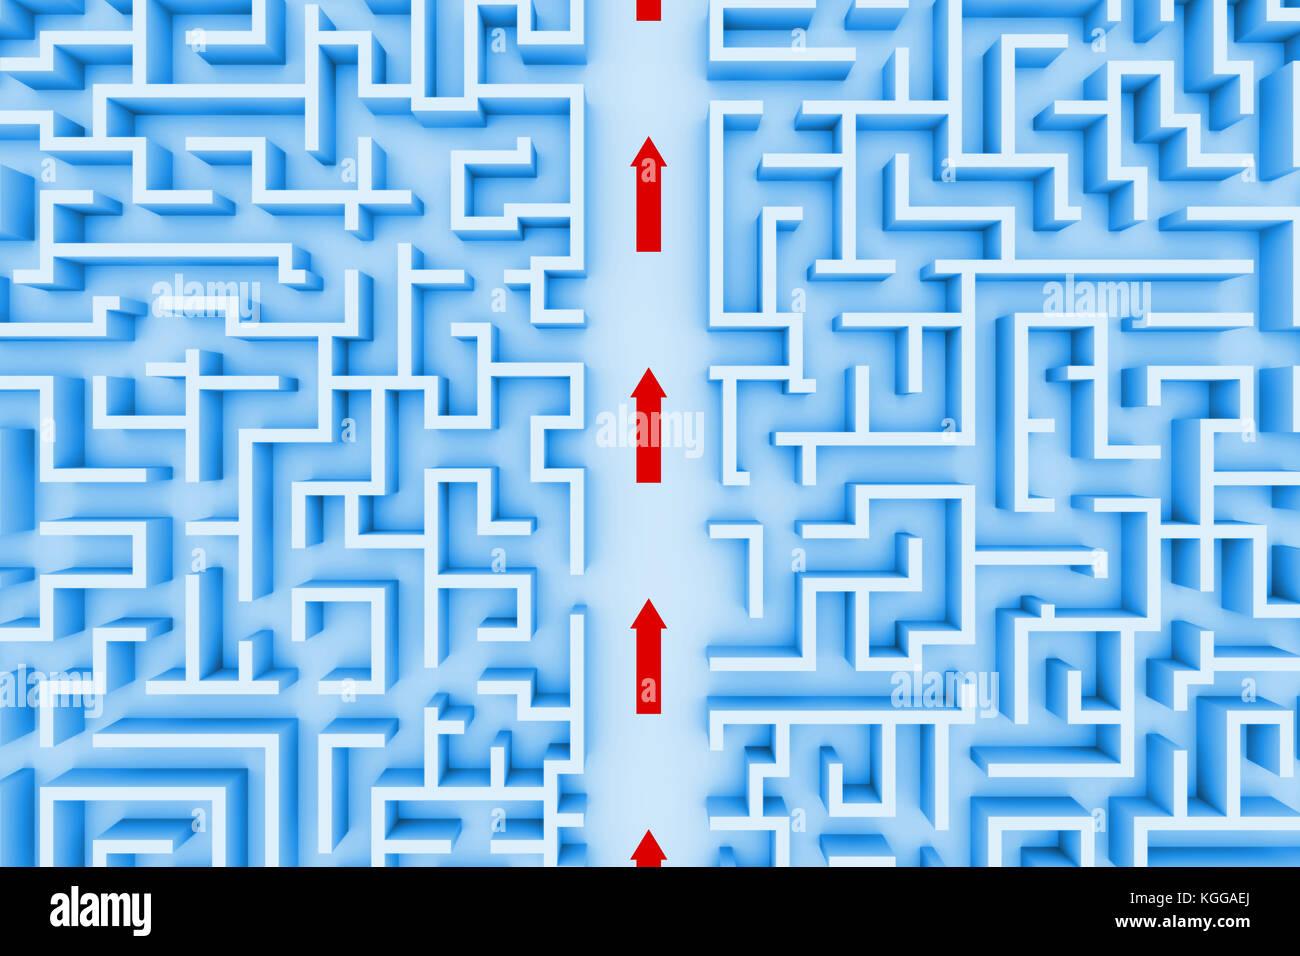 Estructura enorme laberinto, flechas rojas mostrando atajo a través del laberinto (blue 3d ilustración) Imagen De Stock